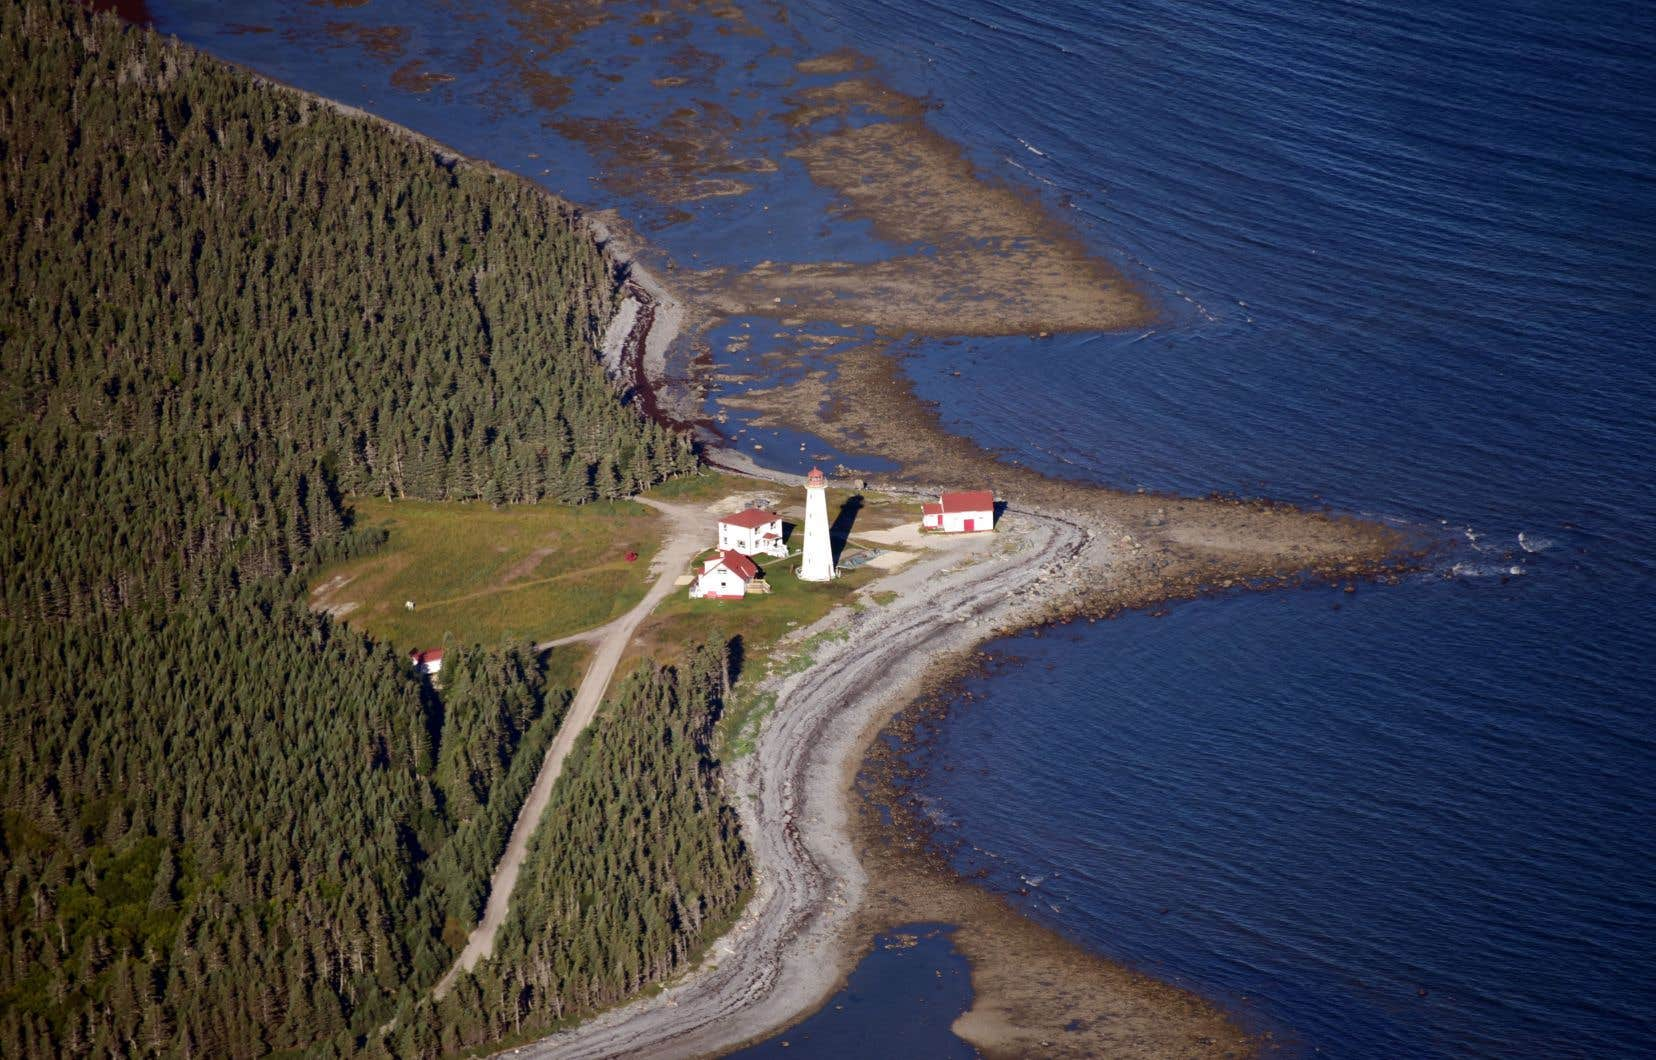 L'île d'Anticosti constituera la première «aire protégée d'utilisation durable» du Québec, promet le ministre de l'Environnement, Benoit Charette.